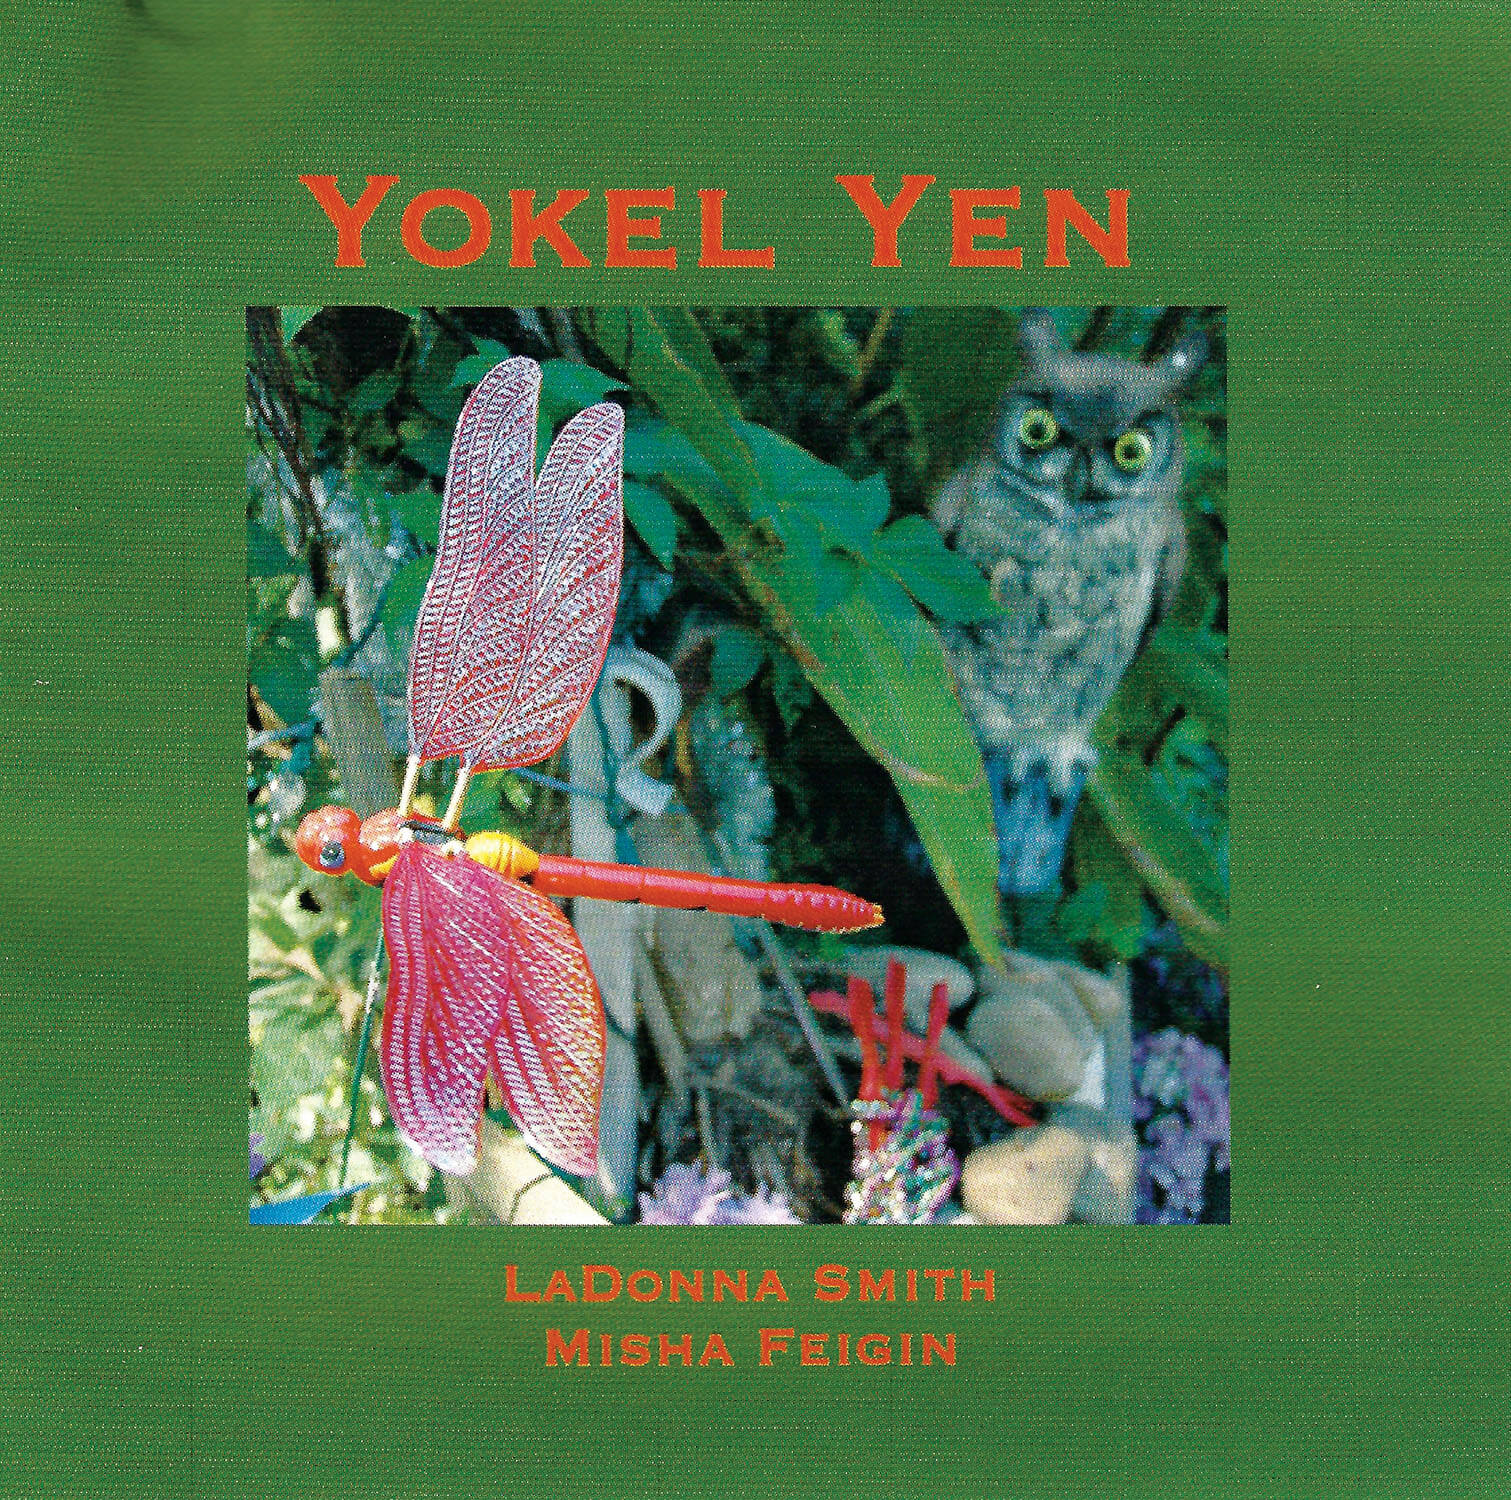 Yokel Yen